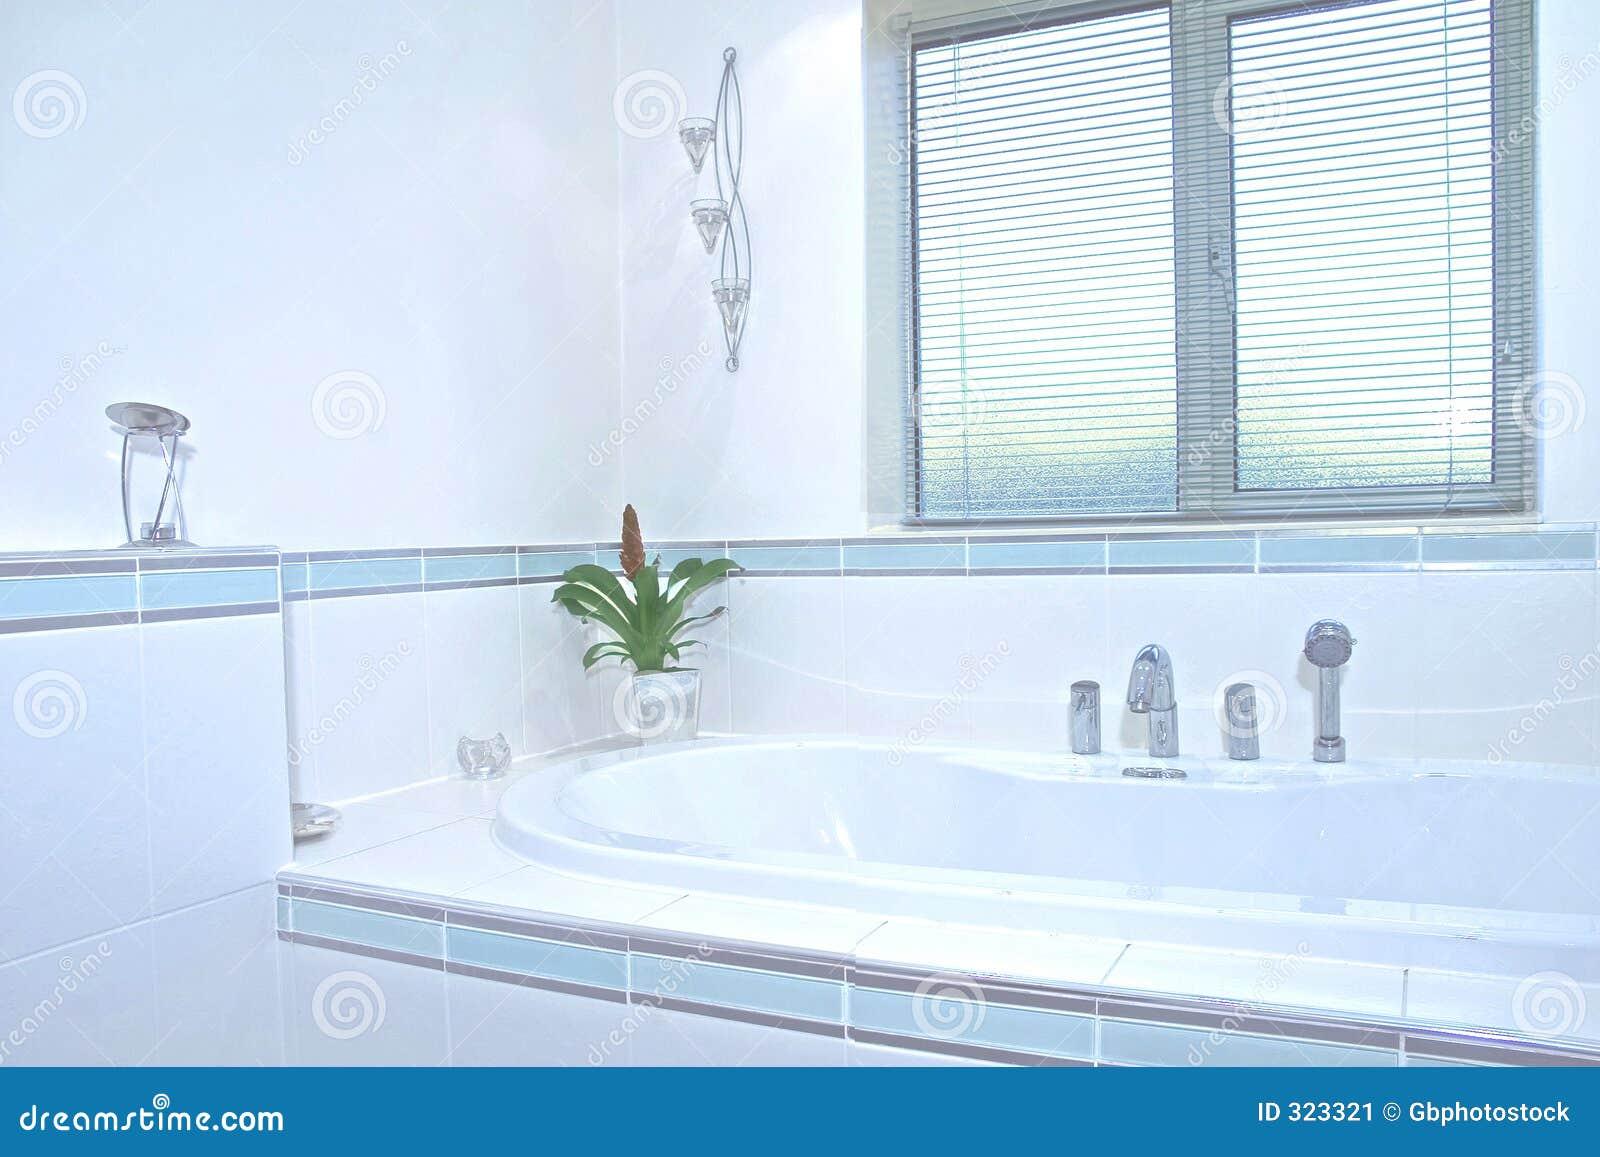 Wielkiej brytanii do łazienki